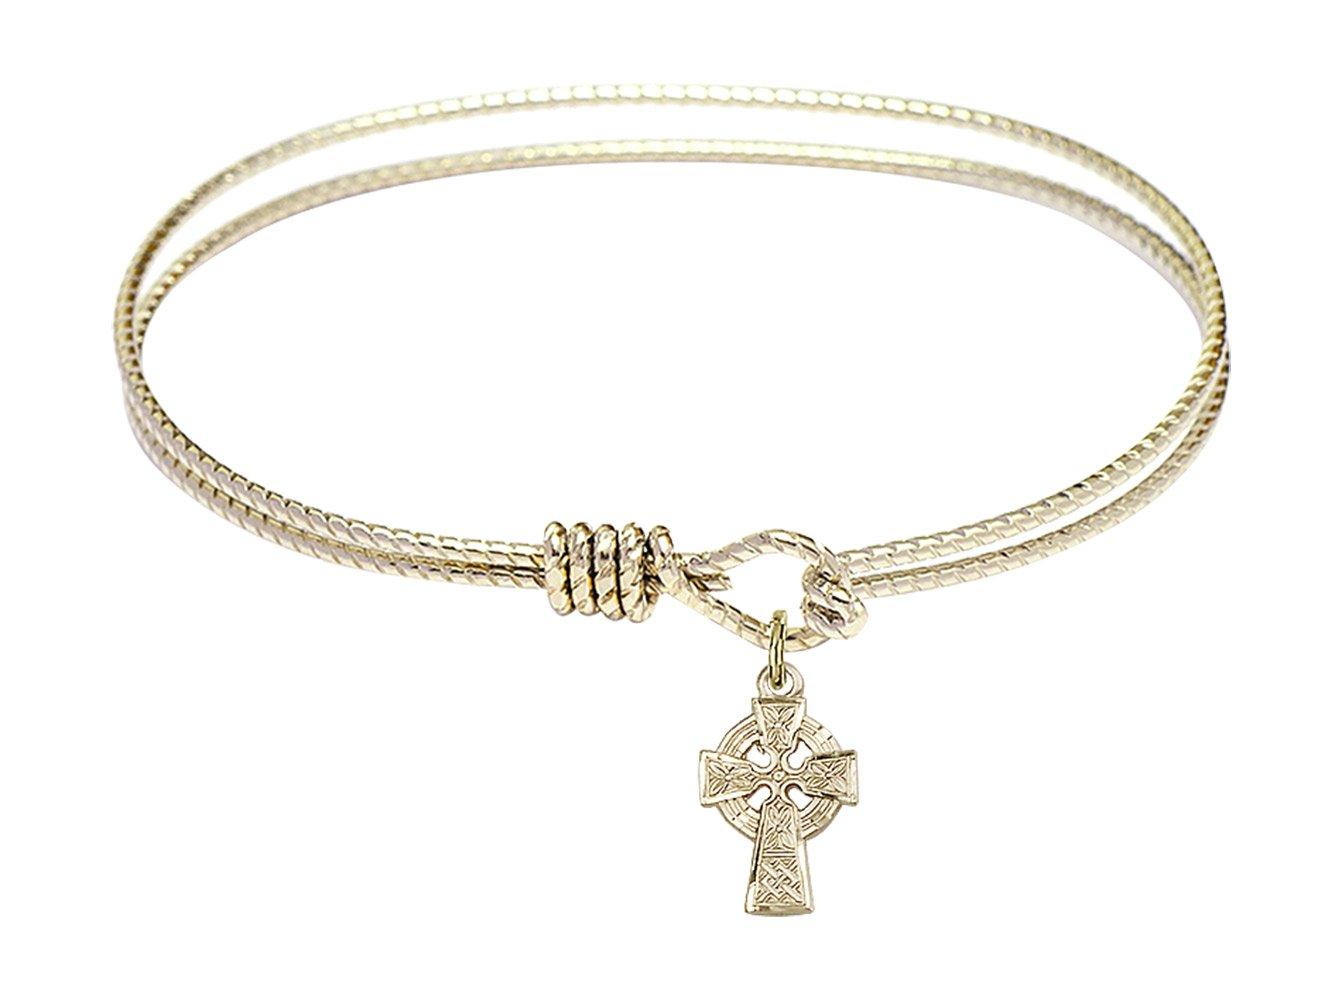 7 1/4 inch Oval Eye Hook Bangle Bracelet w/Celtic Cross in Gold-Filled